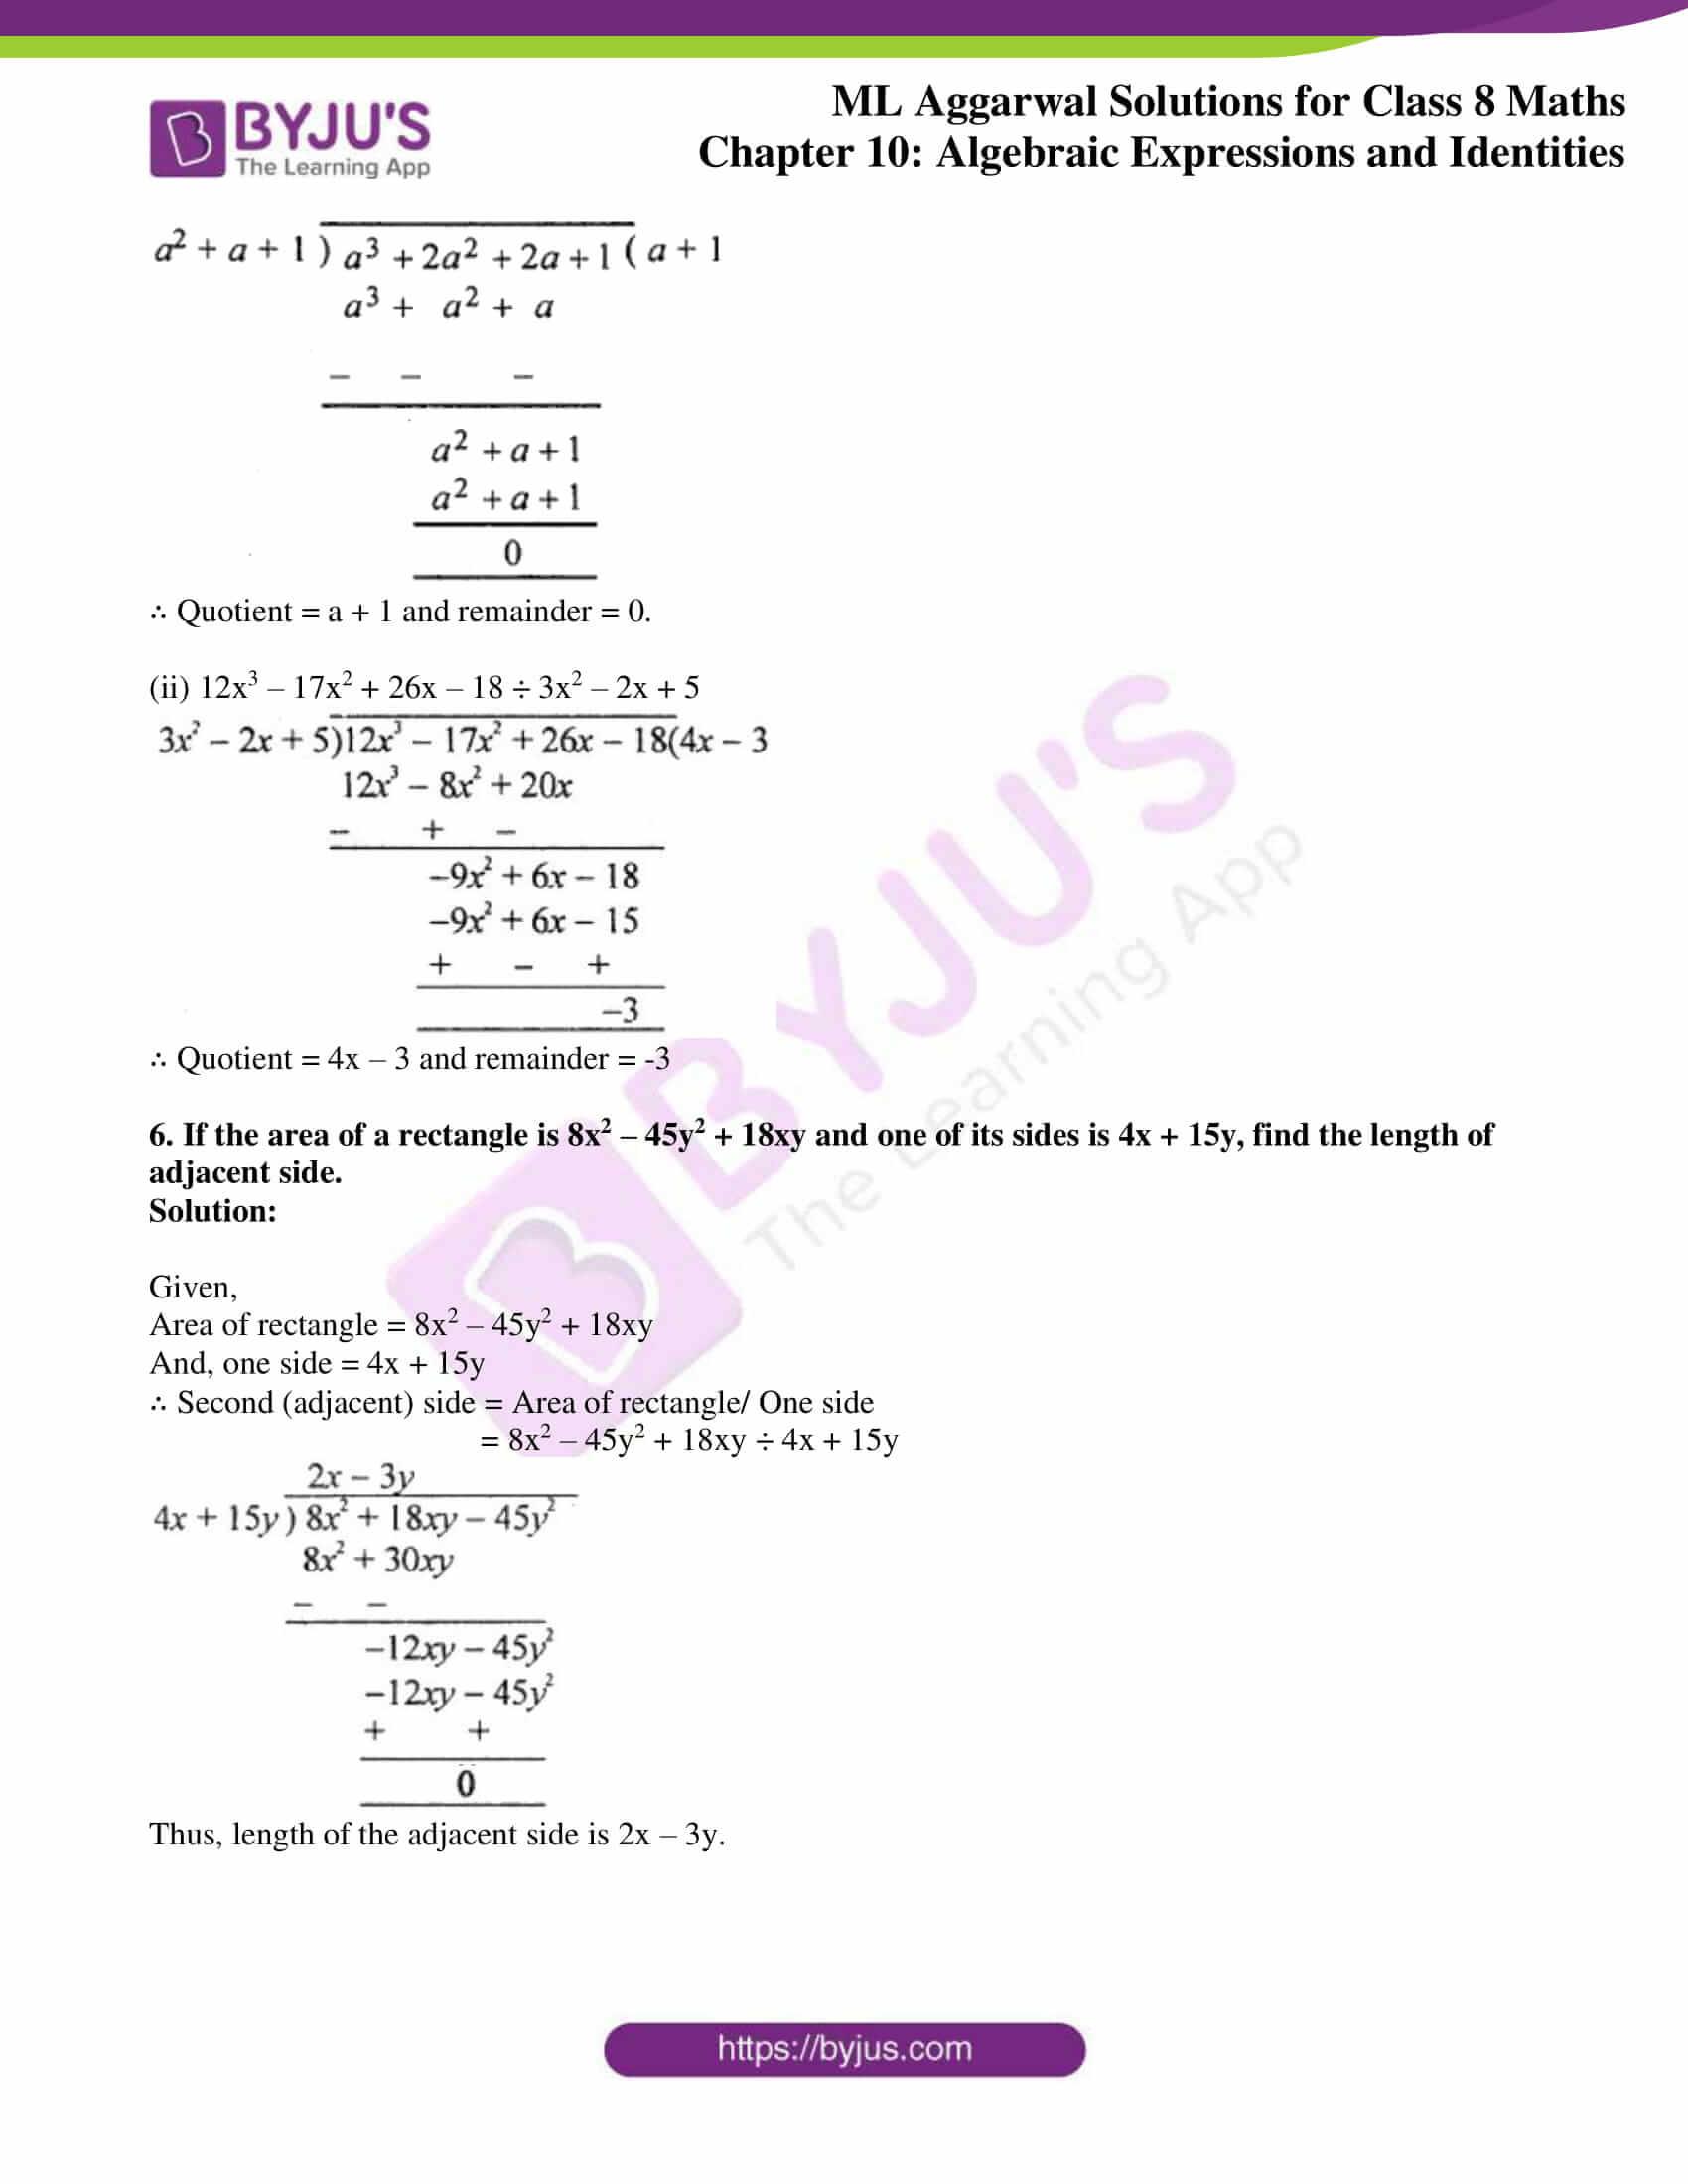 ml aggarwal sol mathematics class 8 ch 10 17